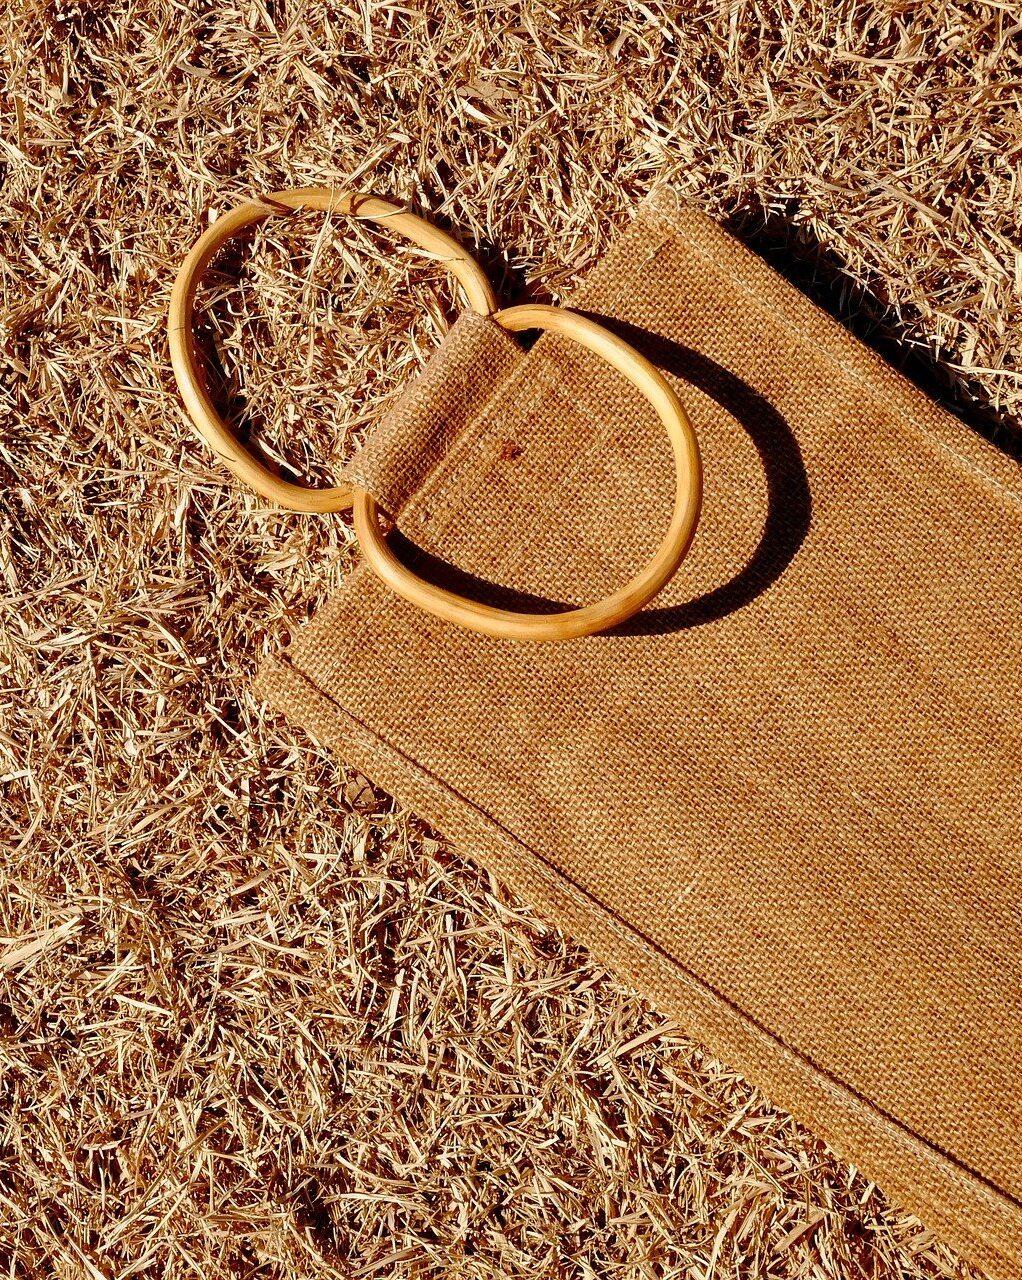 Джутовая сумка Изображение t_watanabe с сайта Pixabay